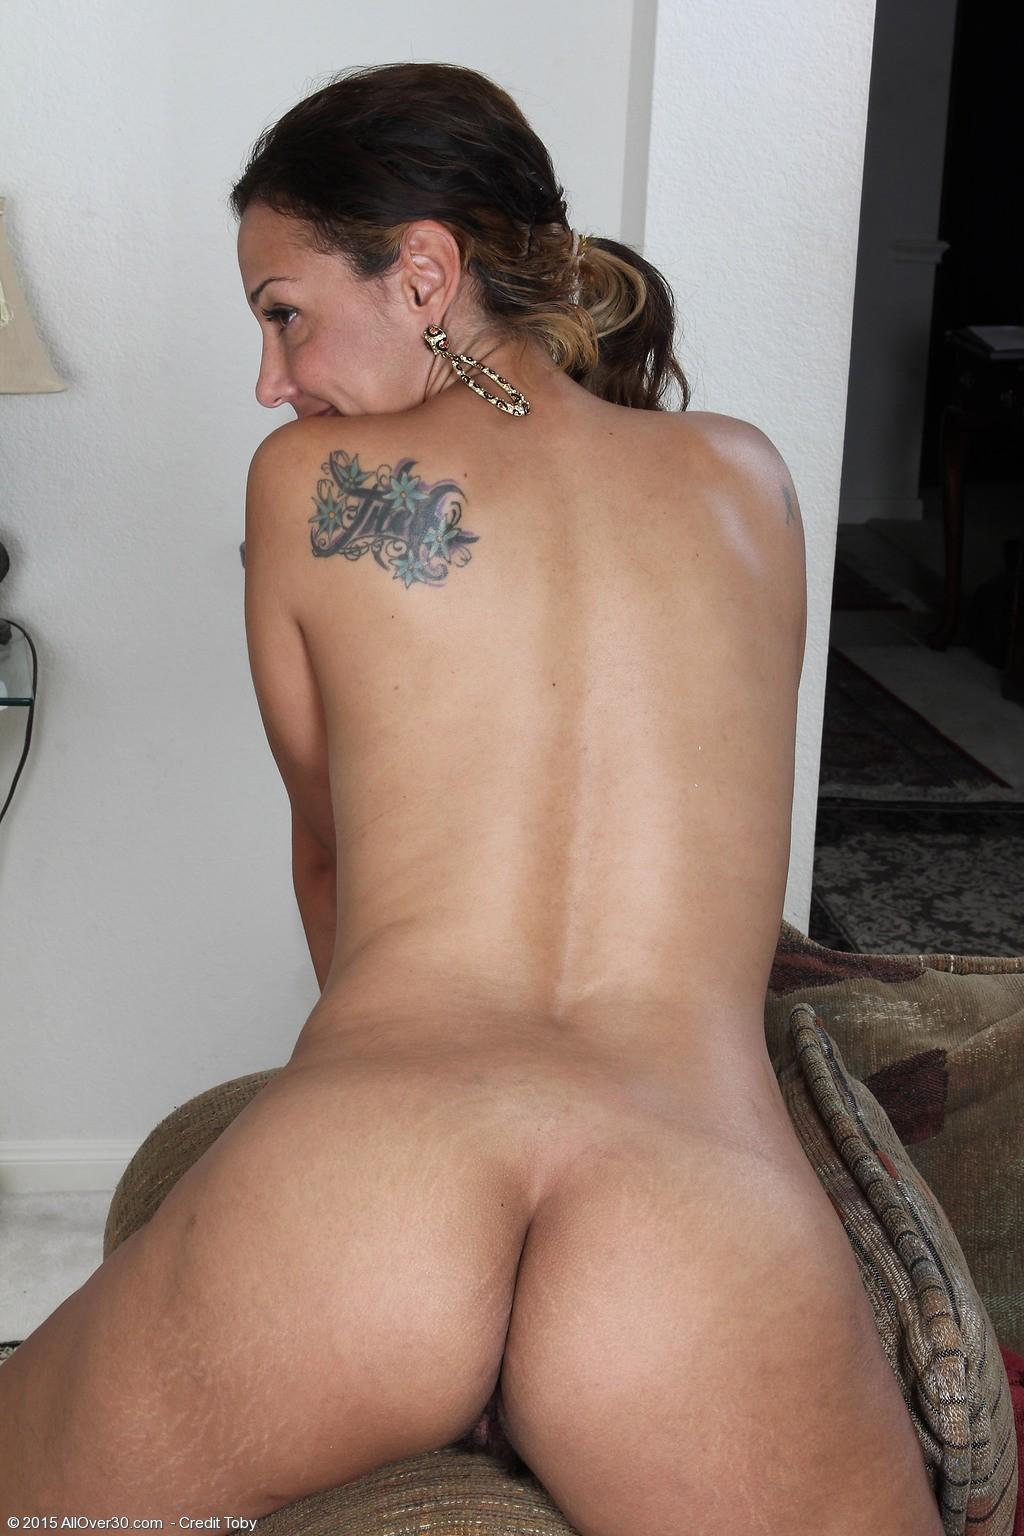 a man sucking boobs while having sex